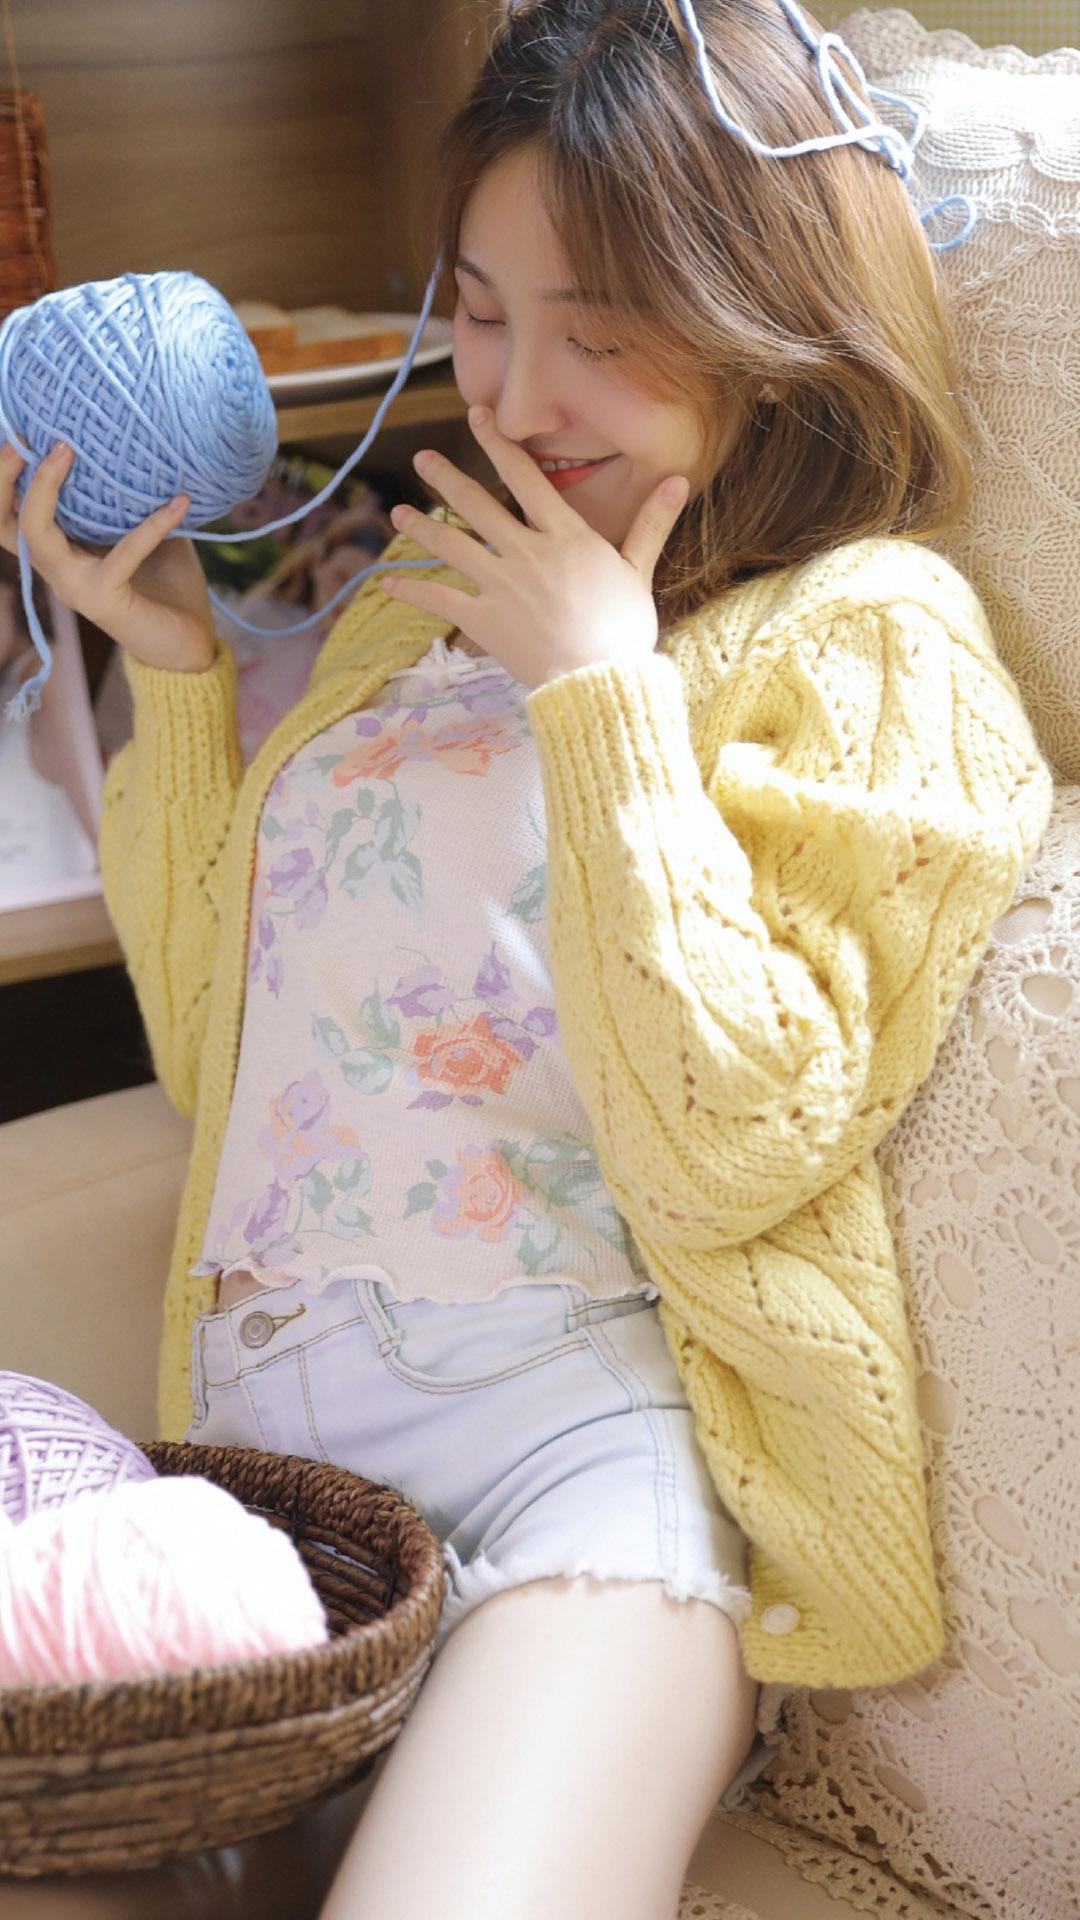 清纯小姐姐私房睡衣长腿玉足诱惑写真集